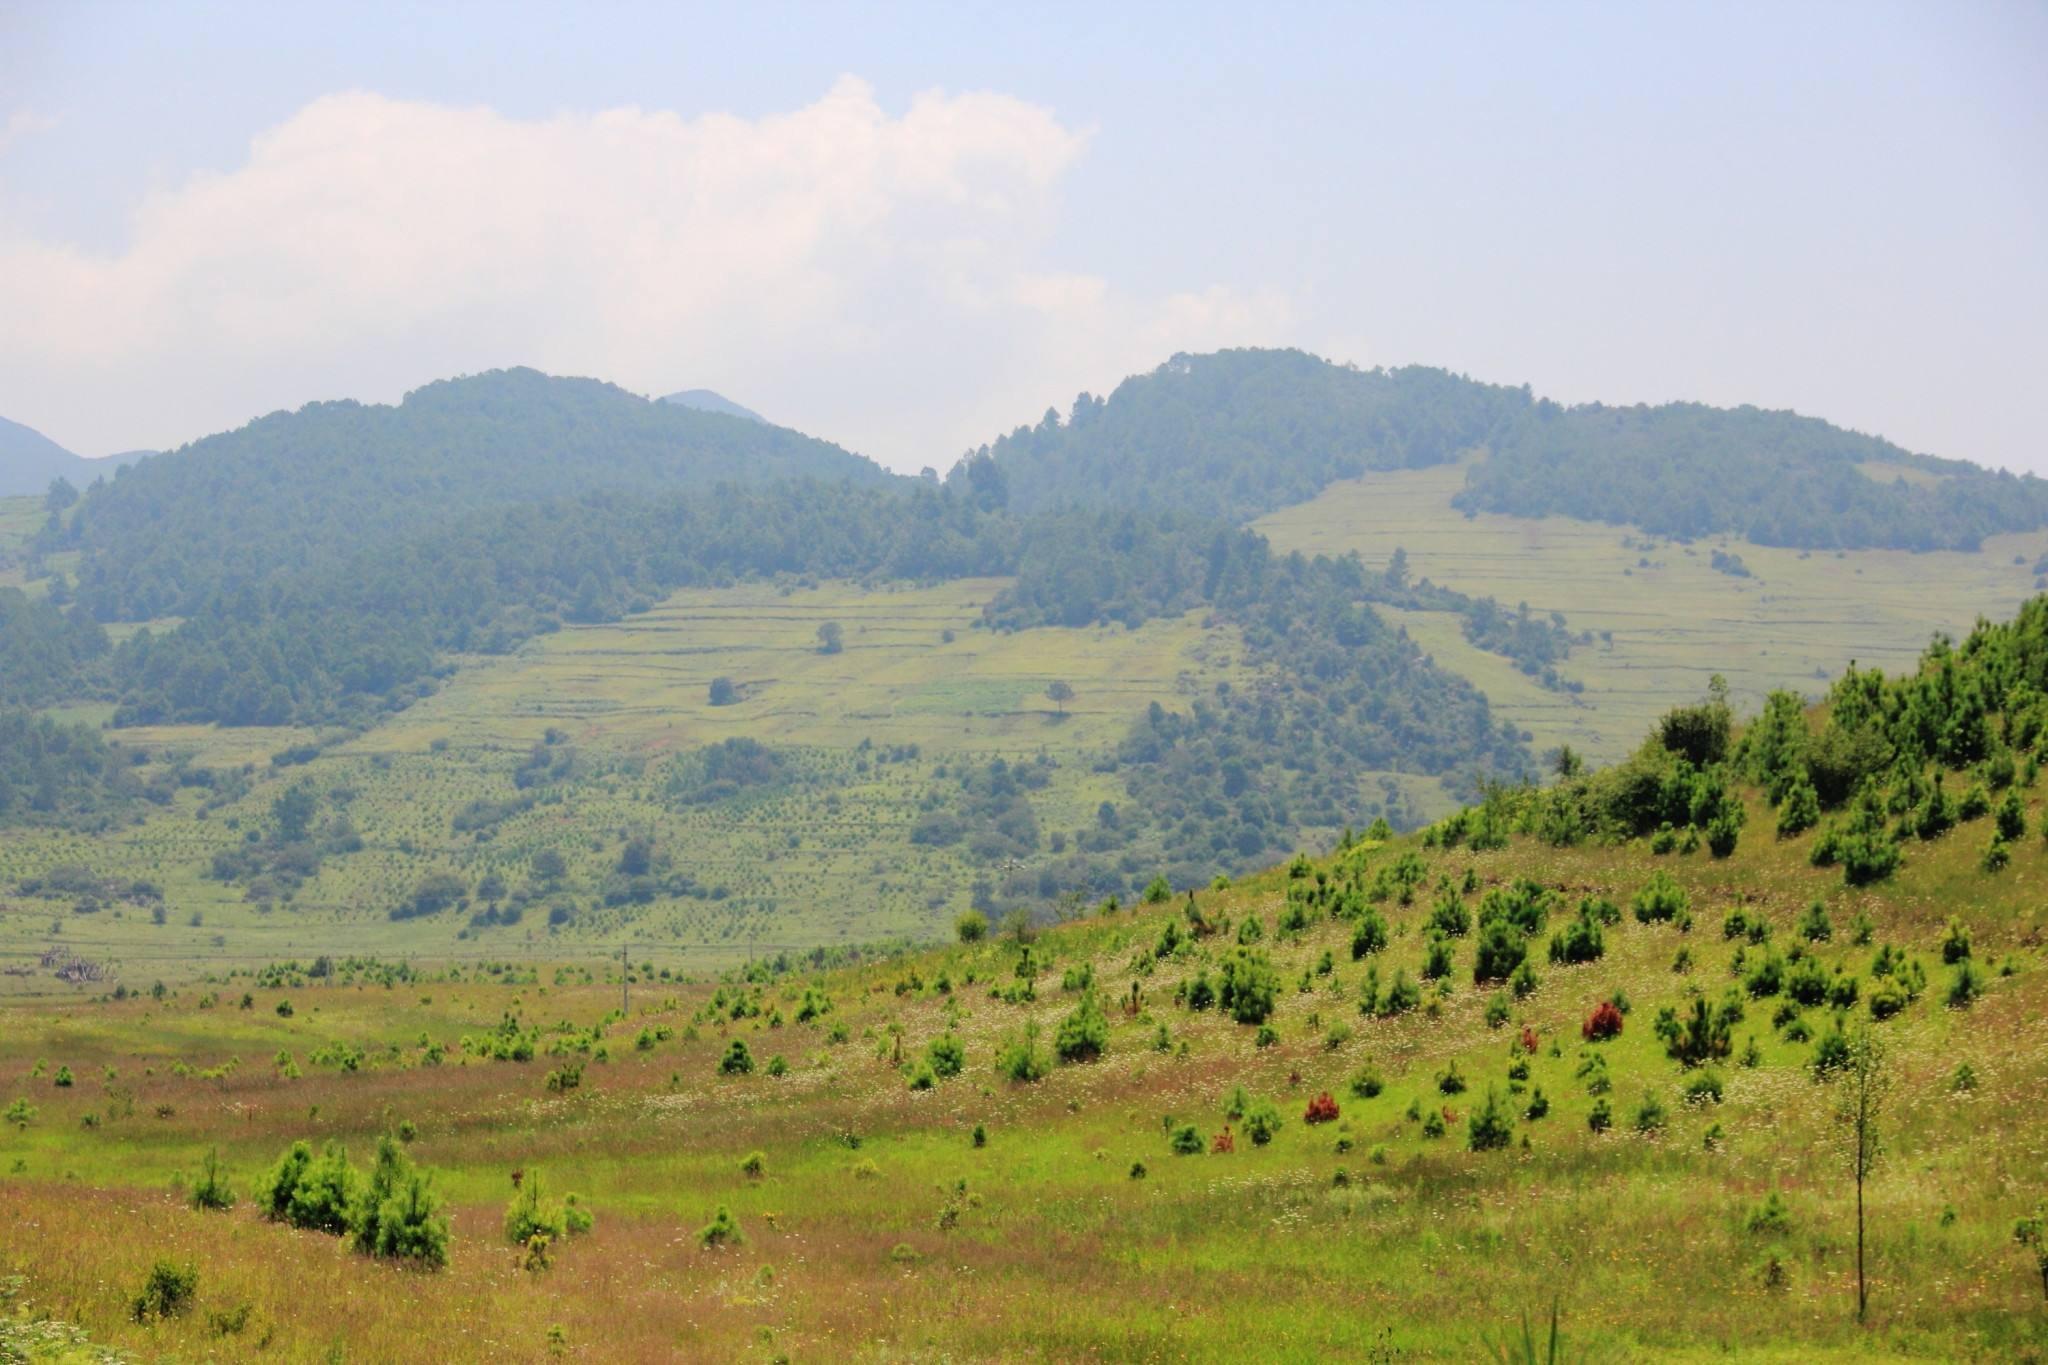 格萨拉生态旅游区游旅游攻略